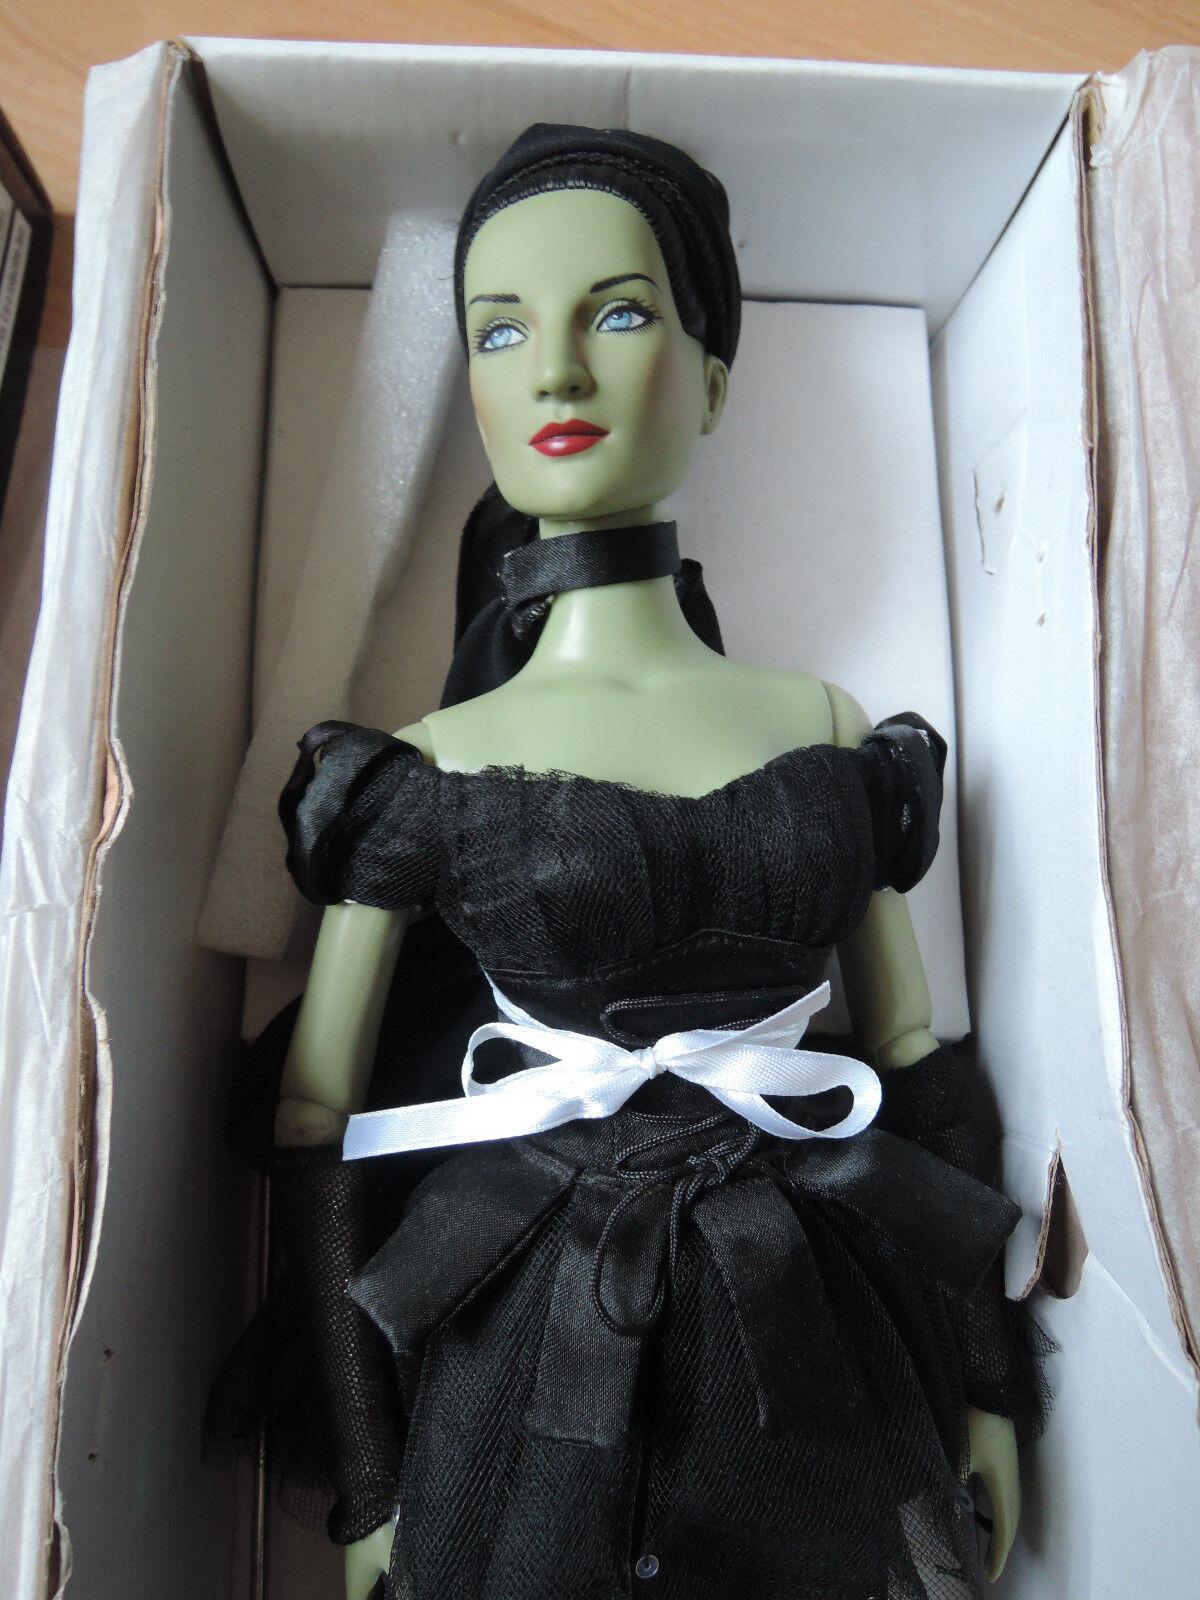 ORIGINALE Tonner bambola Dance of the Witch Limited 150 Wizard of Oz rarità in scatola originale